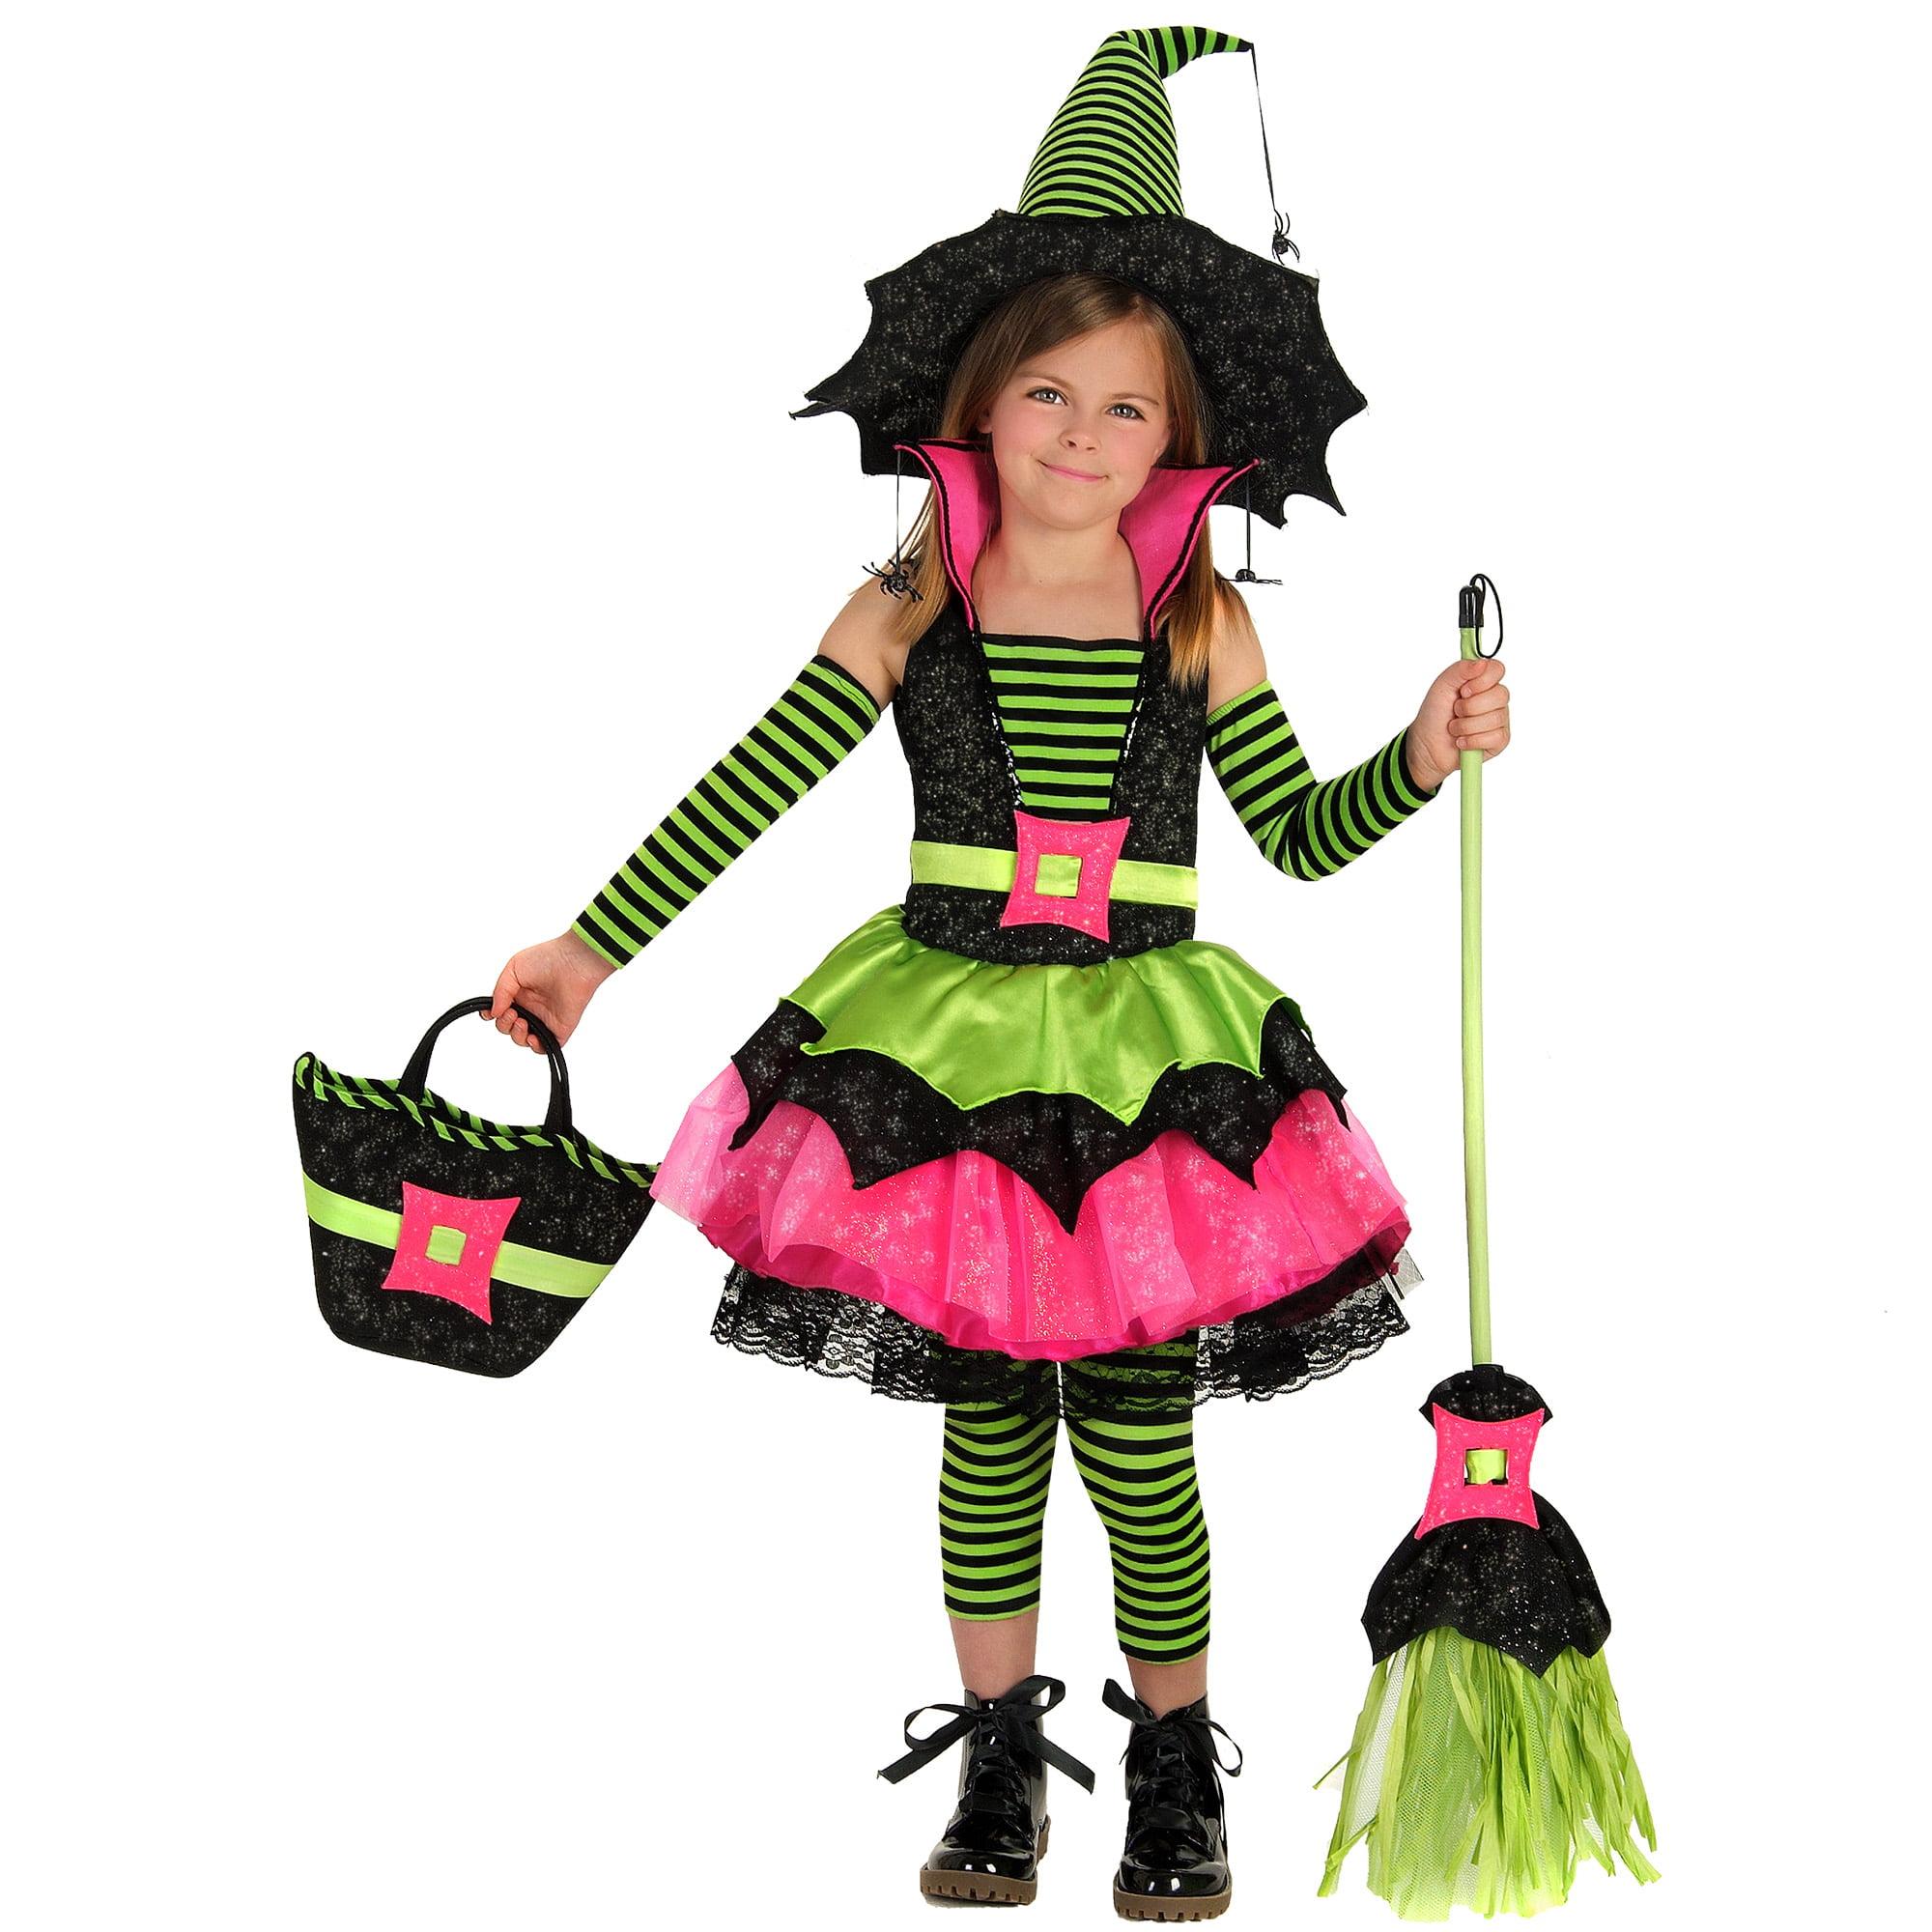 Princess Paradise Premium Spiderina Child Costume